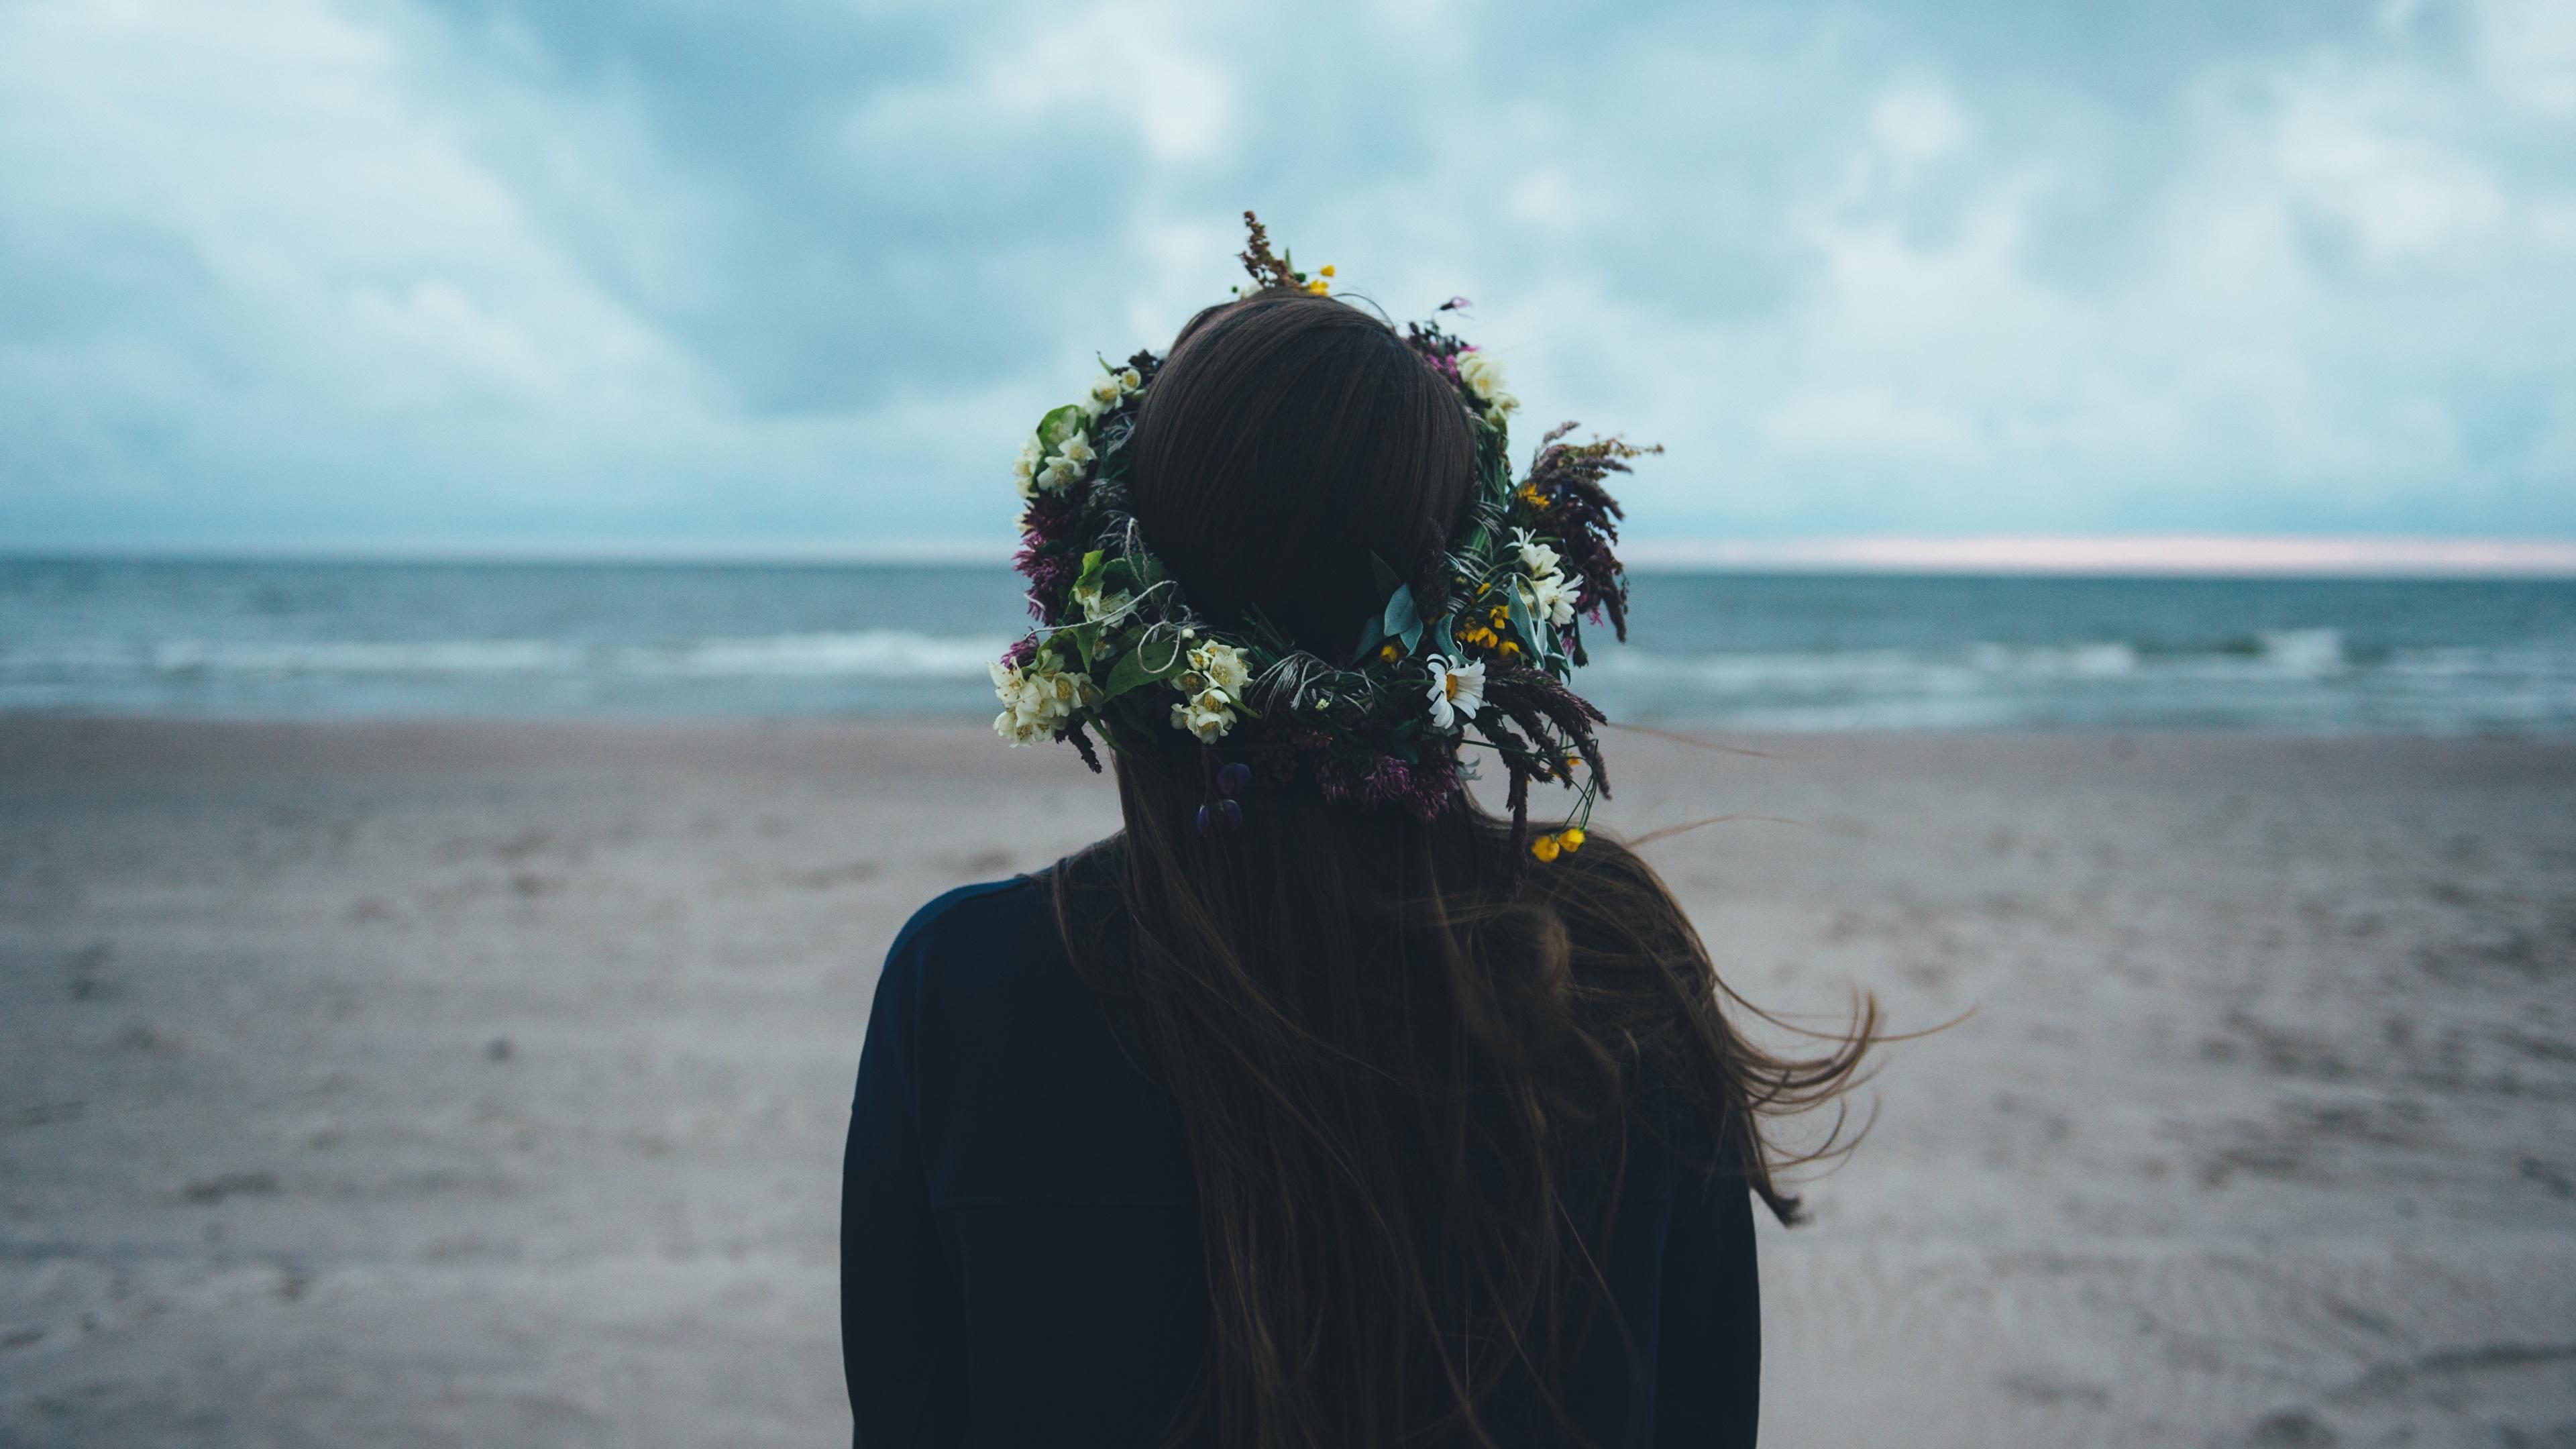 Thứ đau lòng nhất trên đời này, rốt cuộc chính là đánh mất đi người mà mình yêu thương nhất